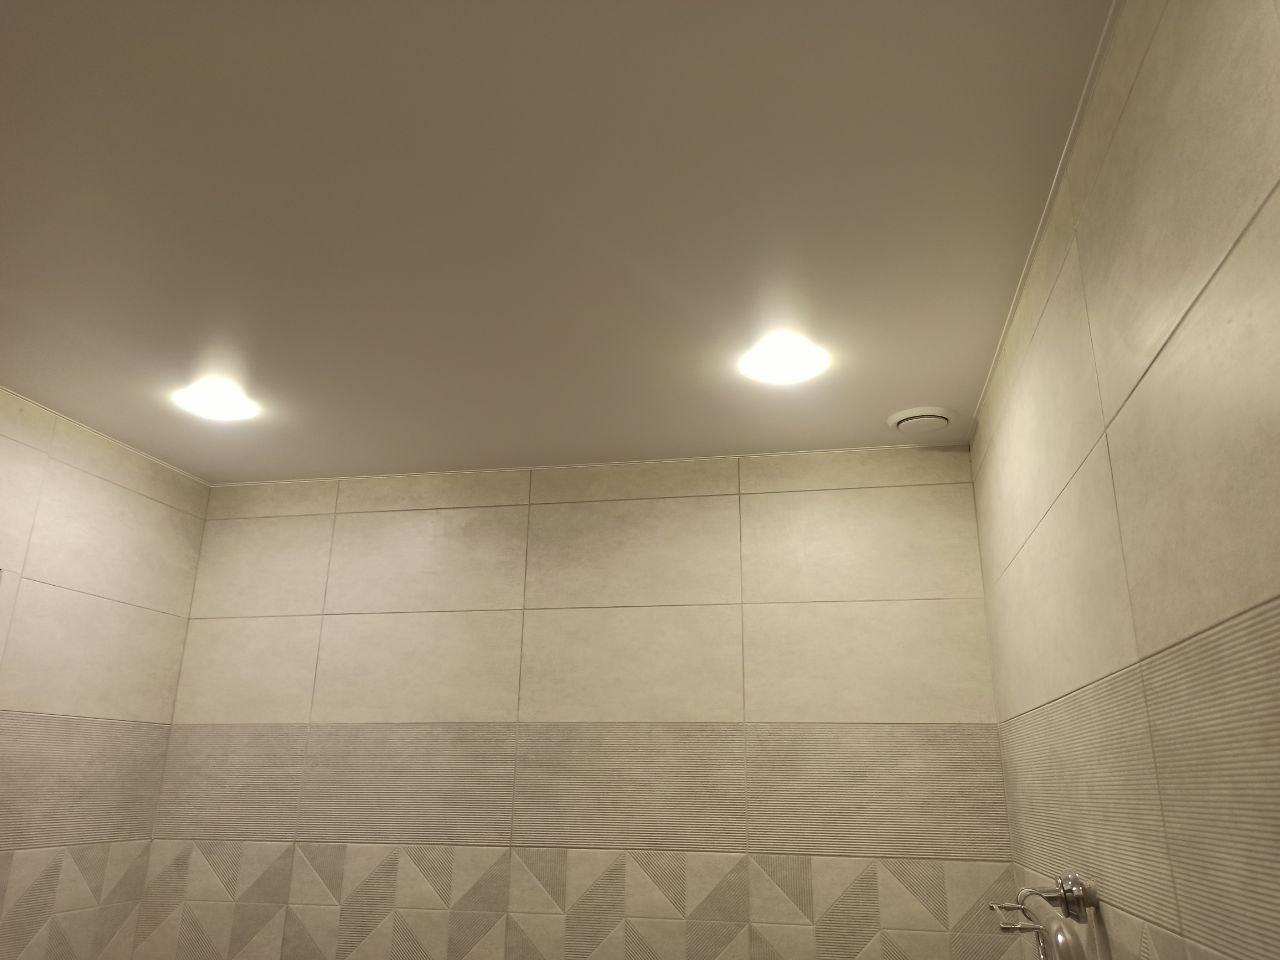 Матовый потолок в ванной комнате.